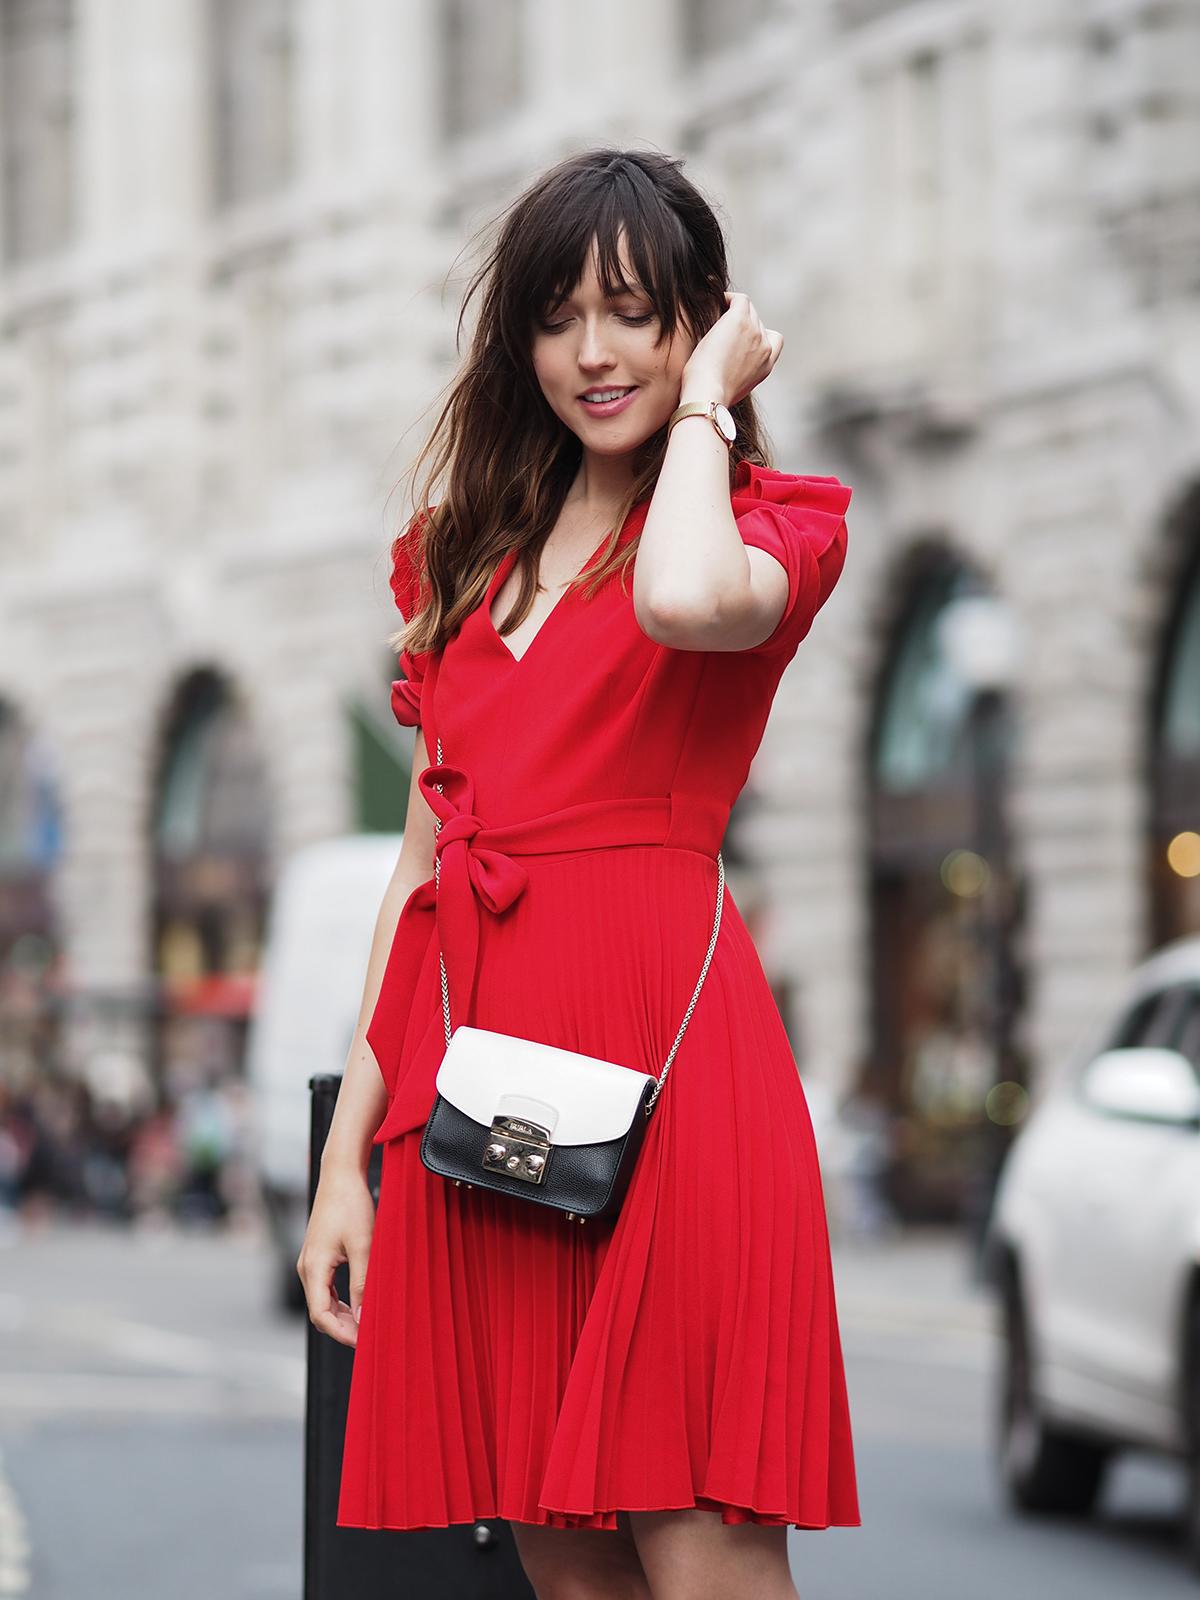 karen-millen-red-dress-converse-shoes-furla-bag-6